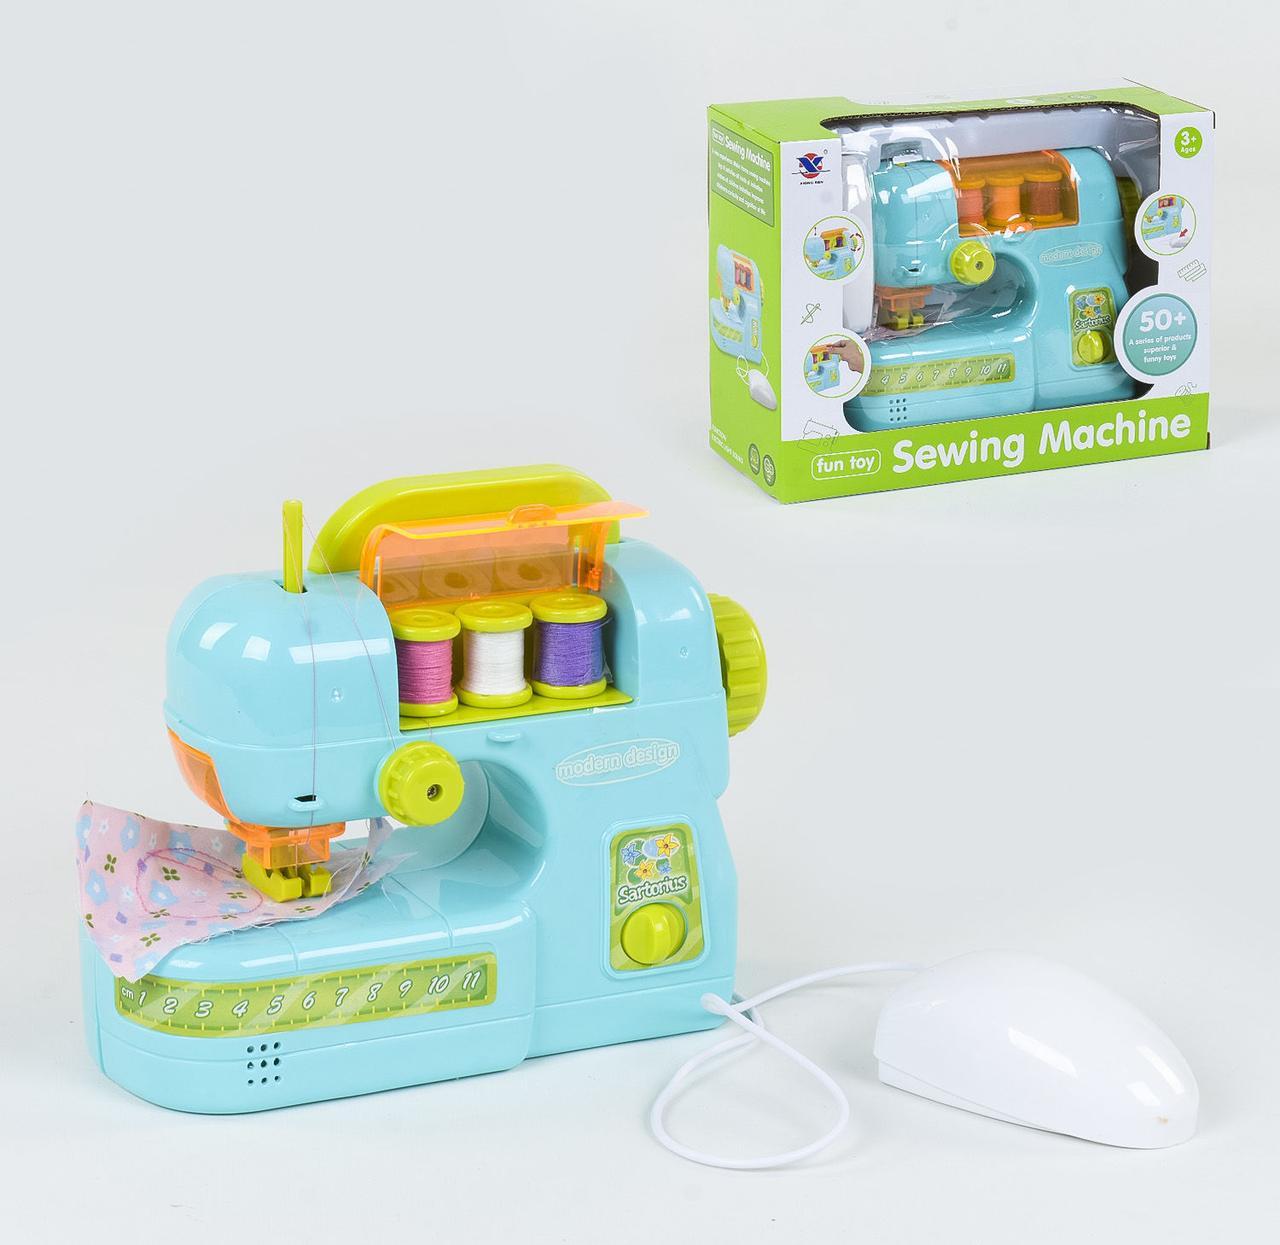 """Швейная машинка """"Sewing Machine"""" на батарейках, световые и звуковые эффекты, в коробке XS 19001"""